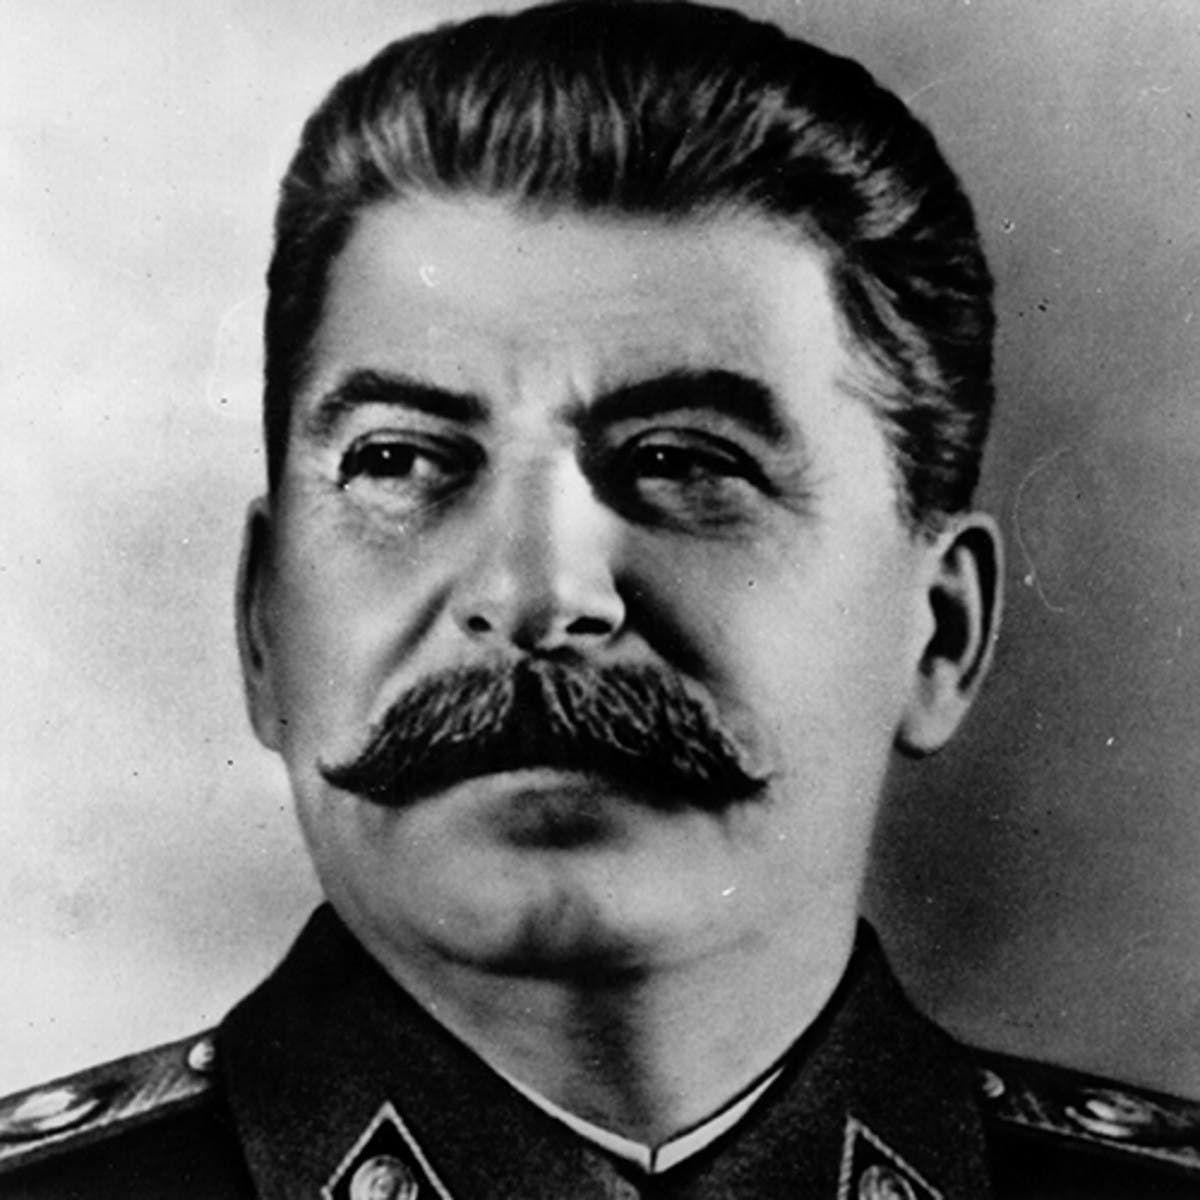 صورة للقائد السوفيتي جوزيف ستالين